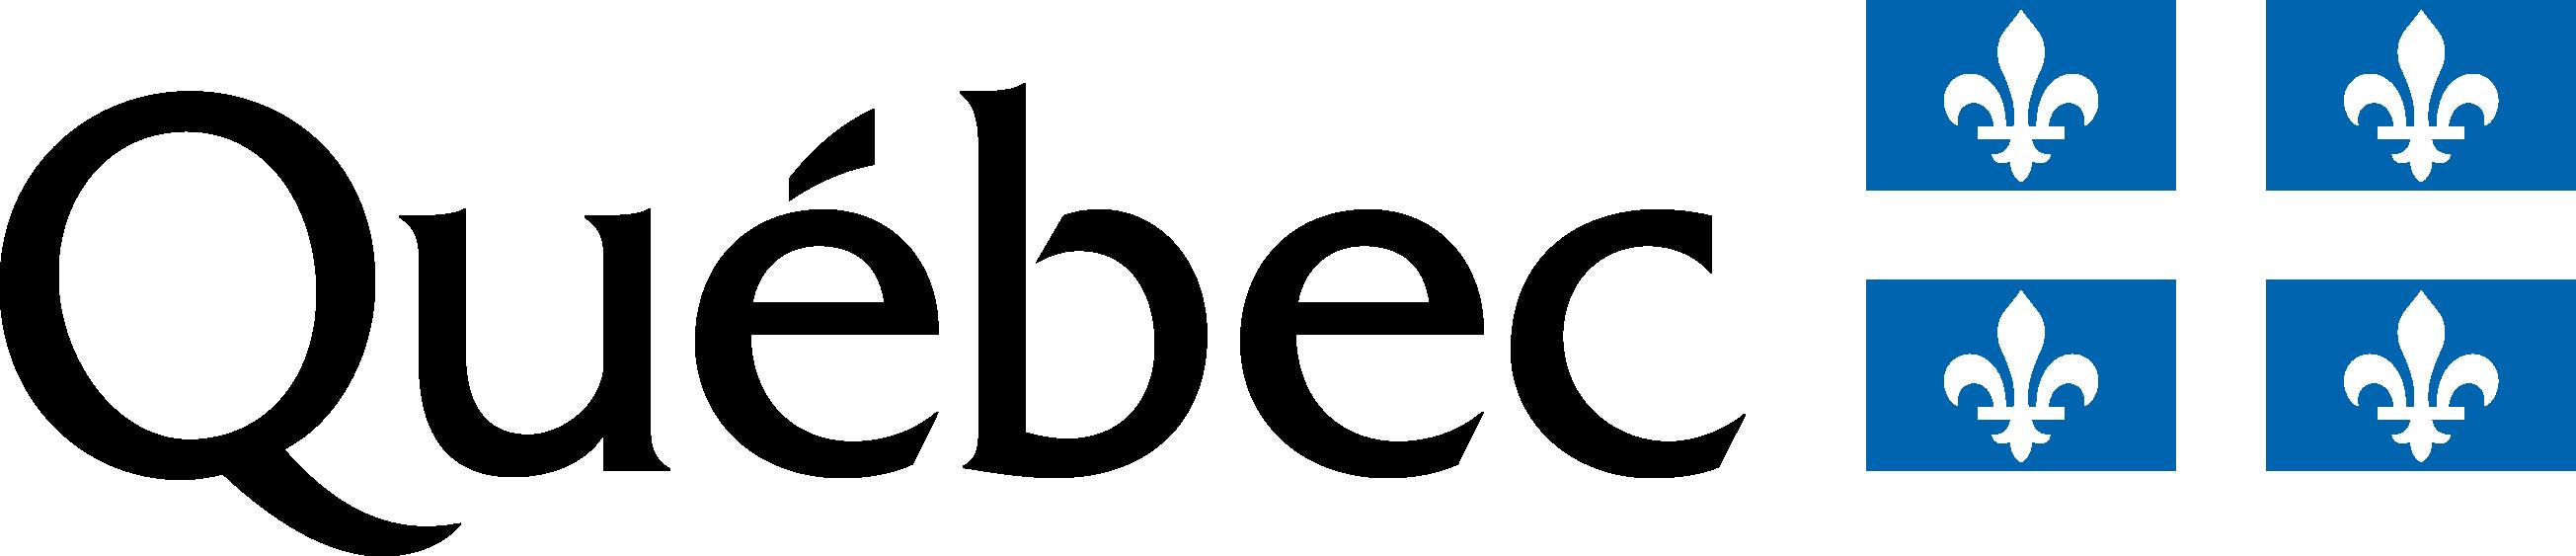 Logo_gouvernement_Couleur